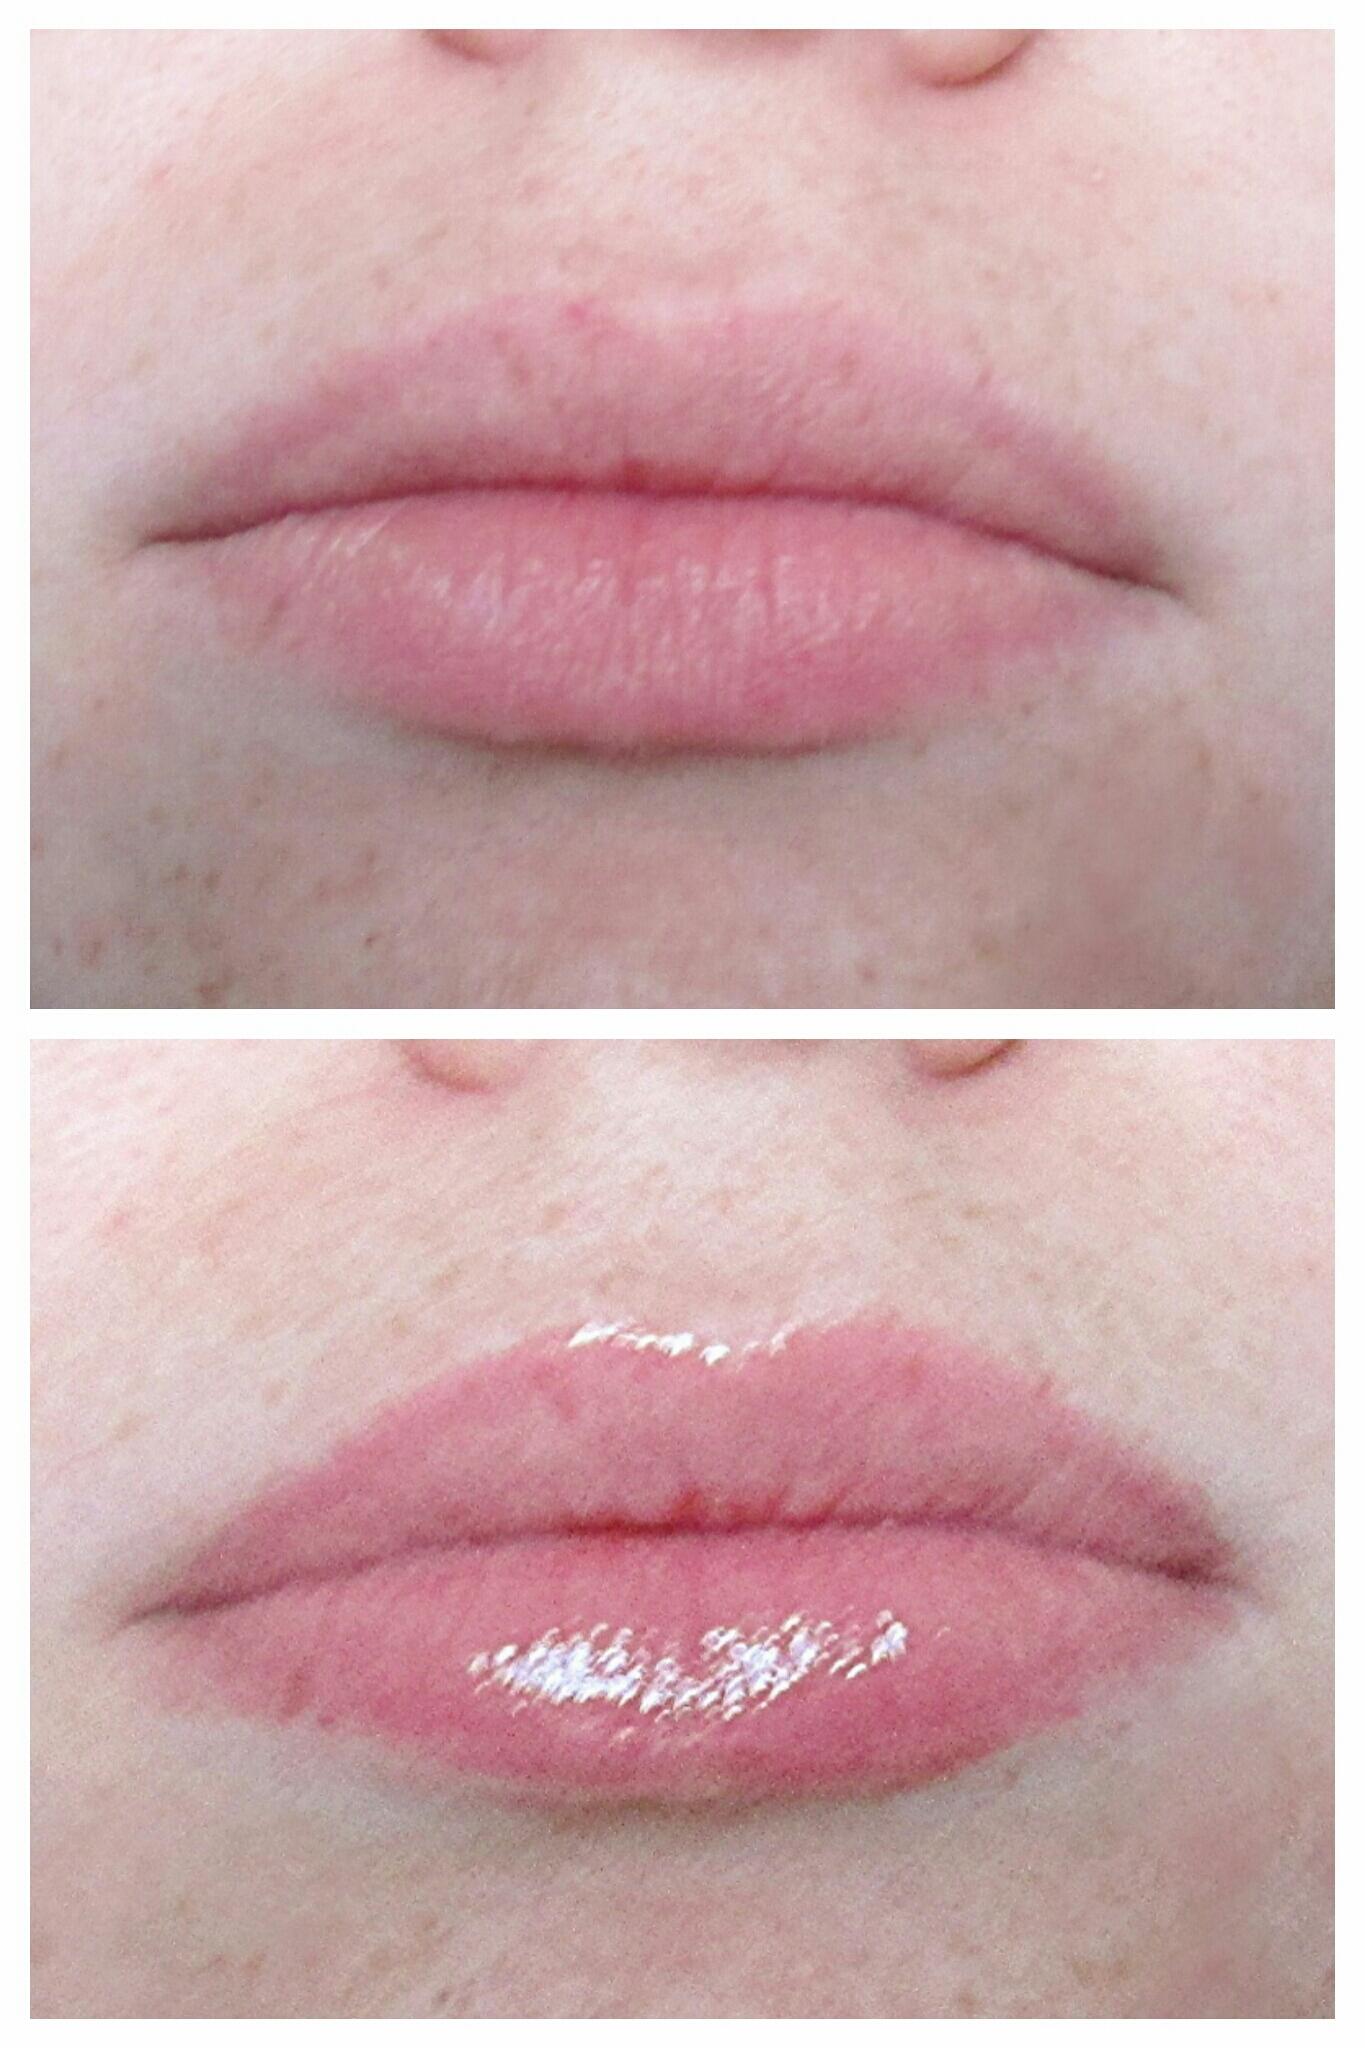 Trivelig Lip Gloss plumper anmeldelse Ownerlipco-8584